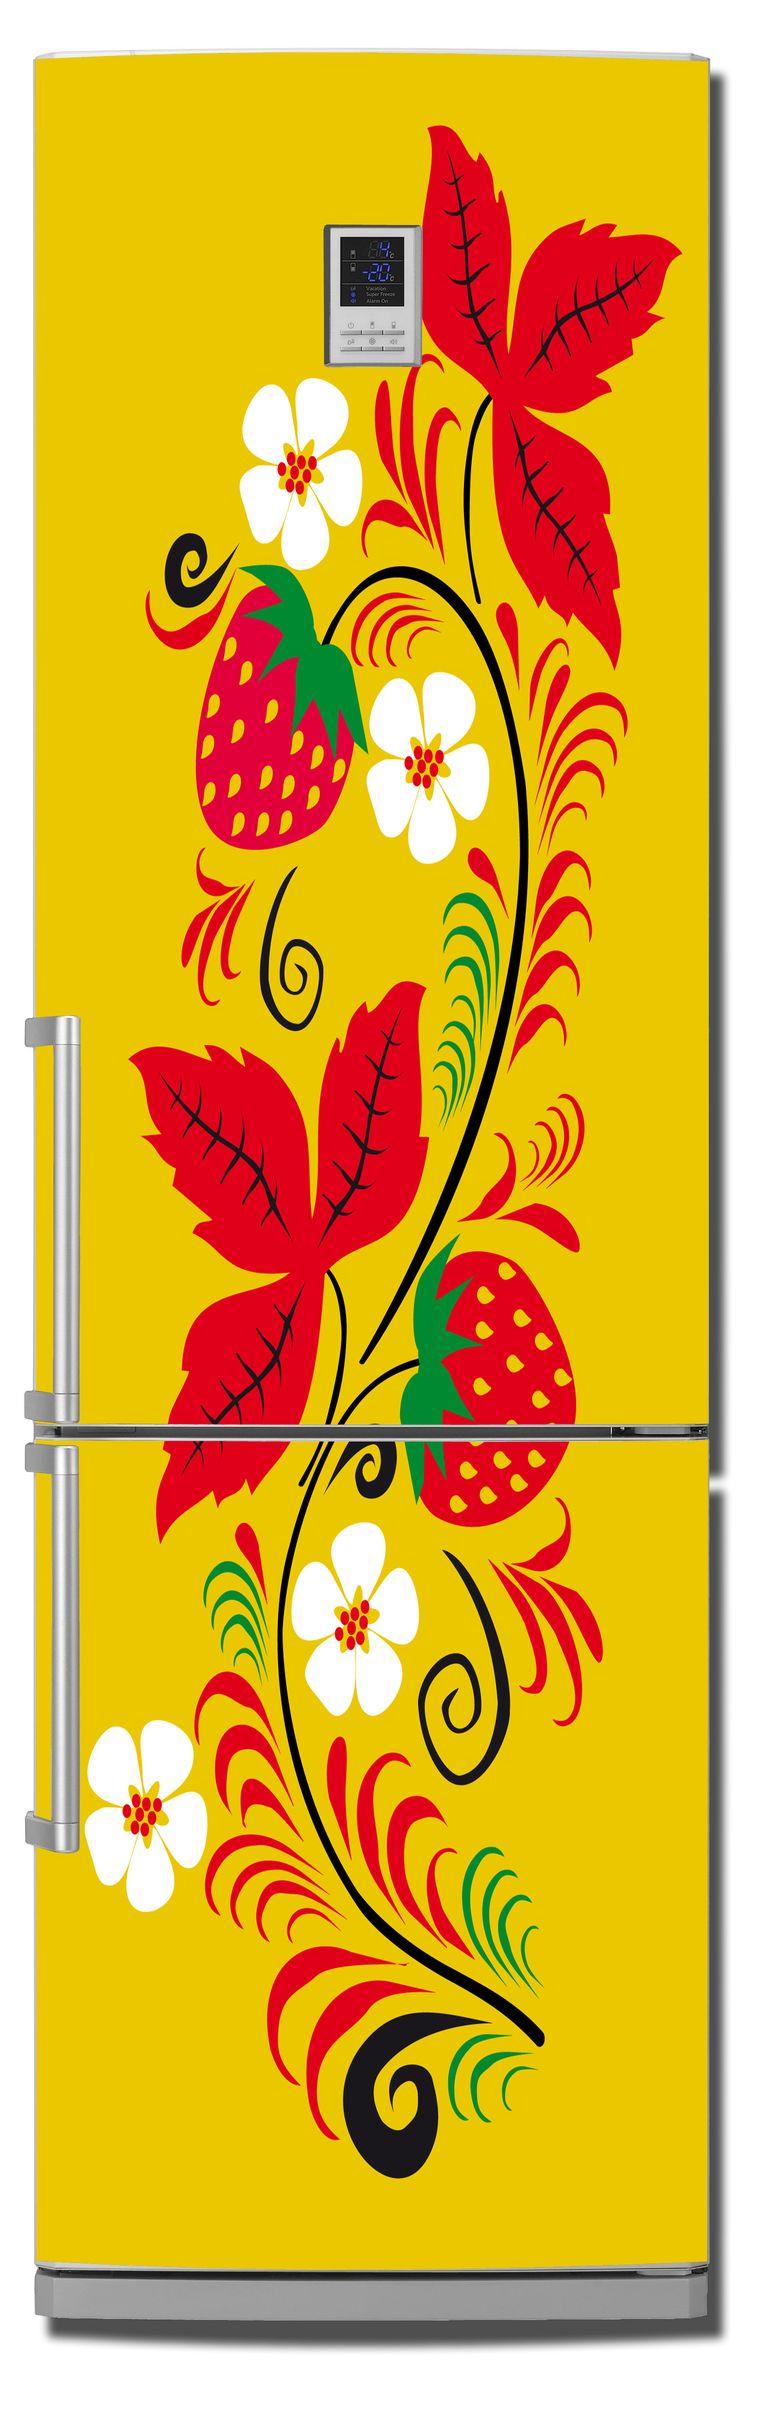 наклейка на холодильник -  Русские узоры